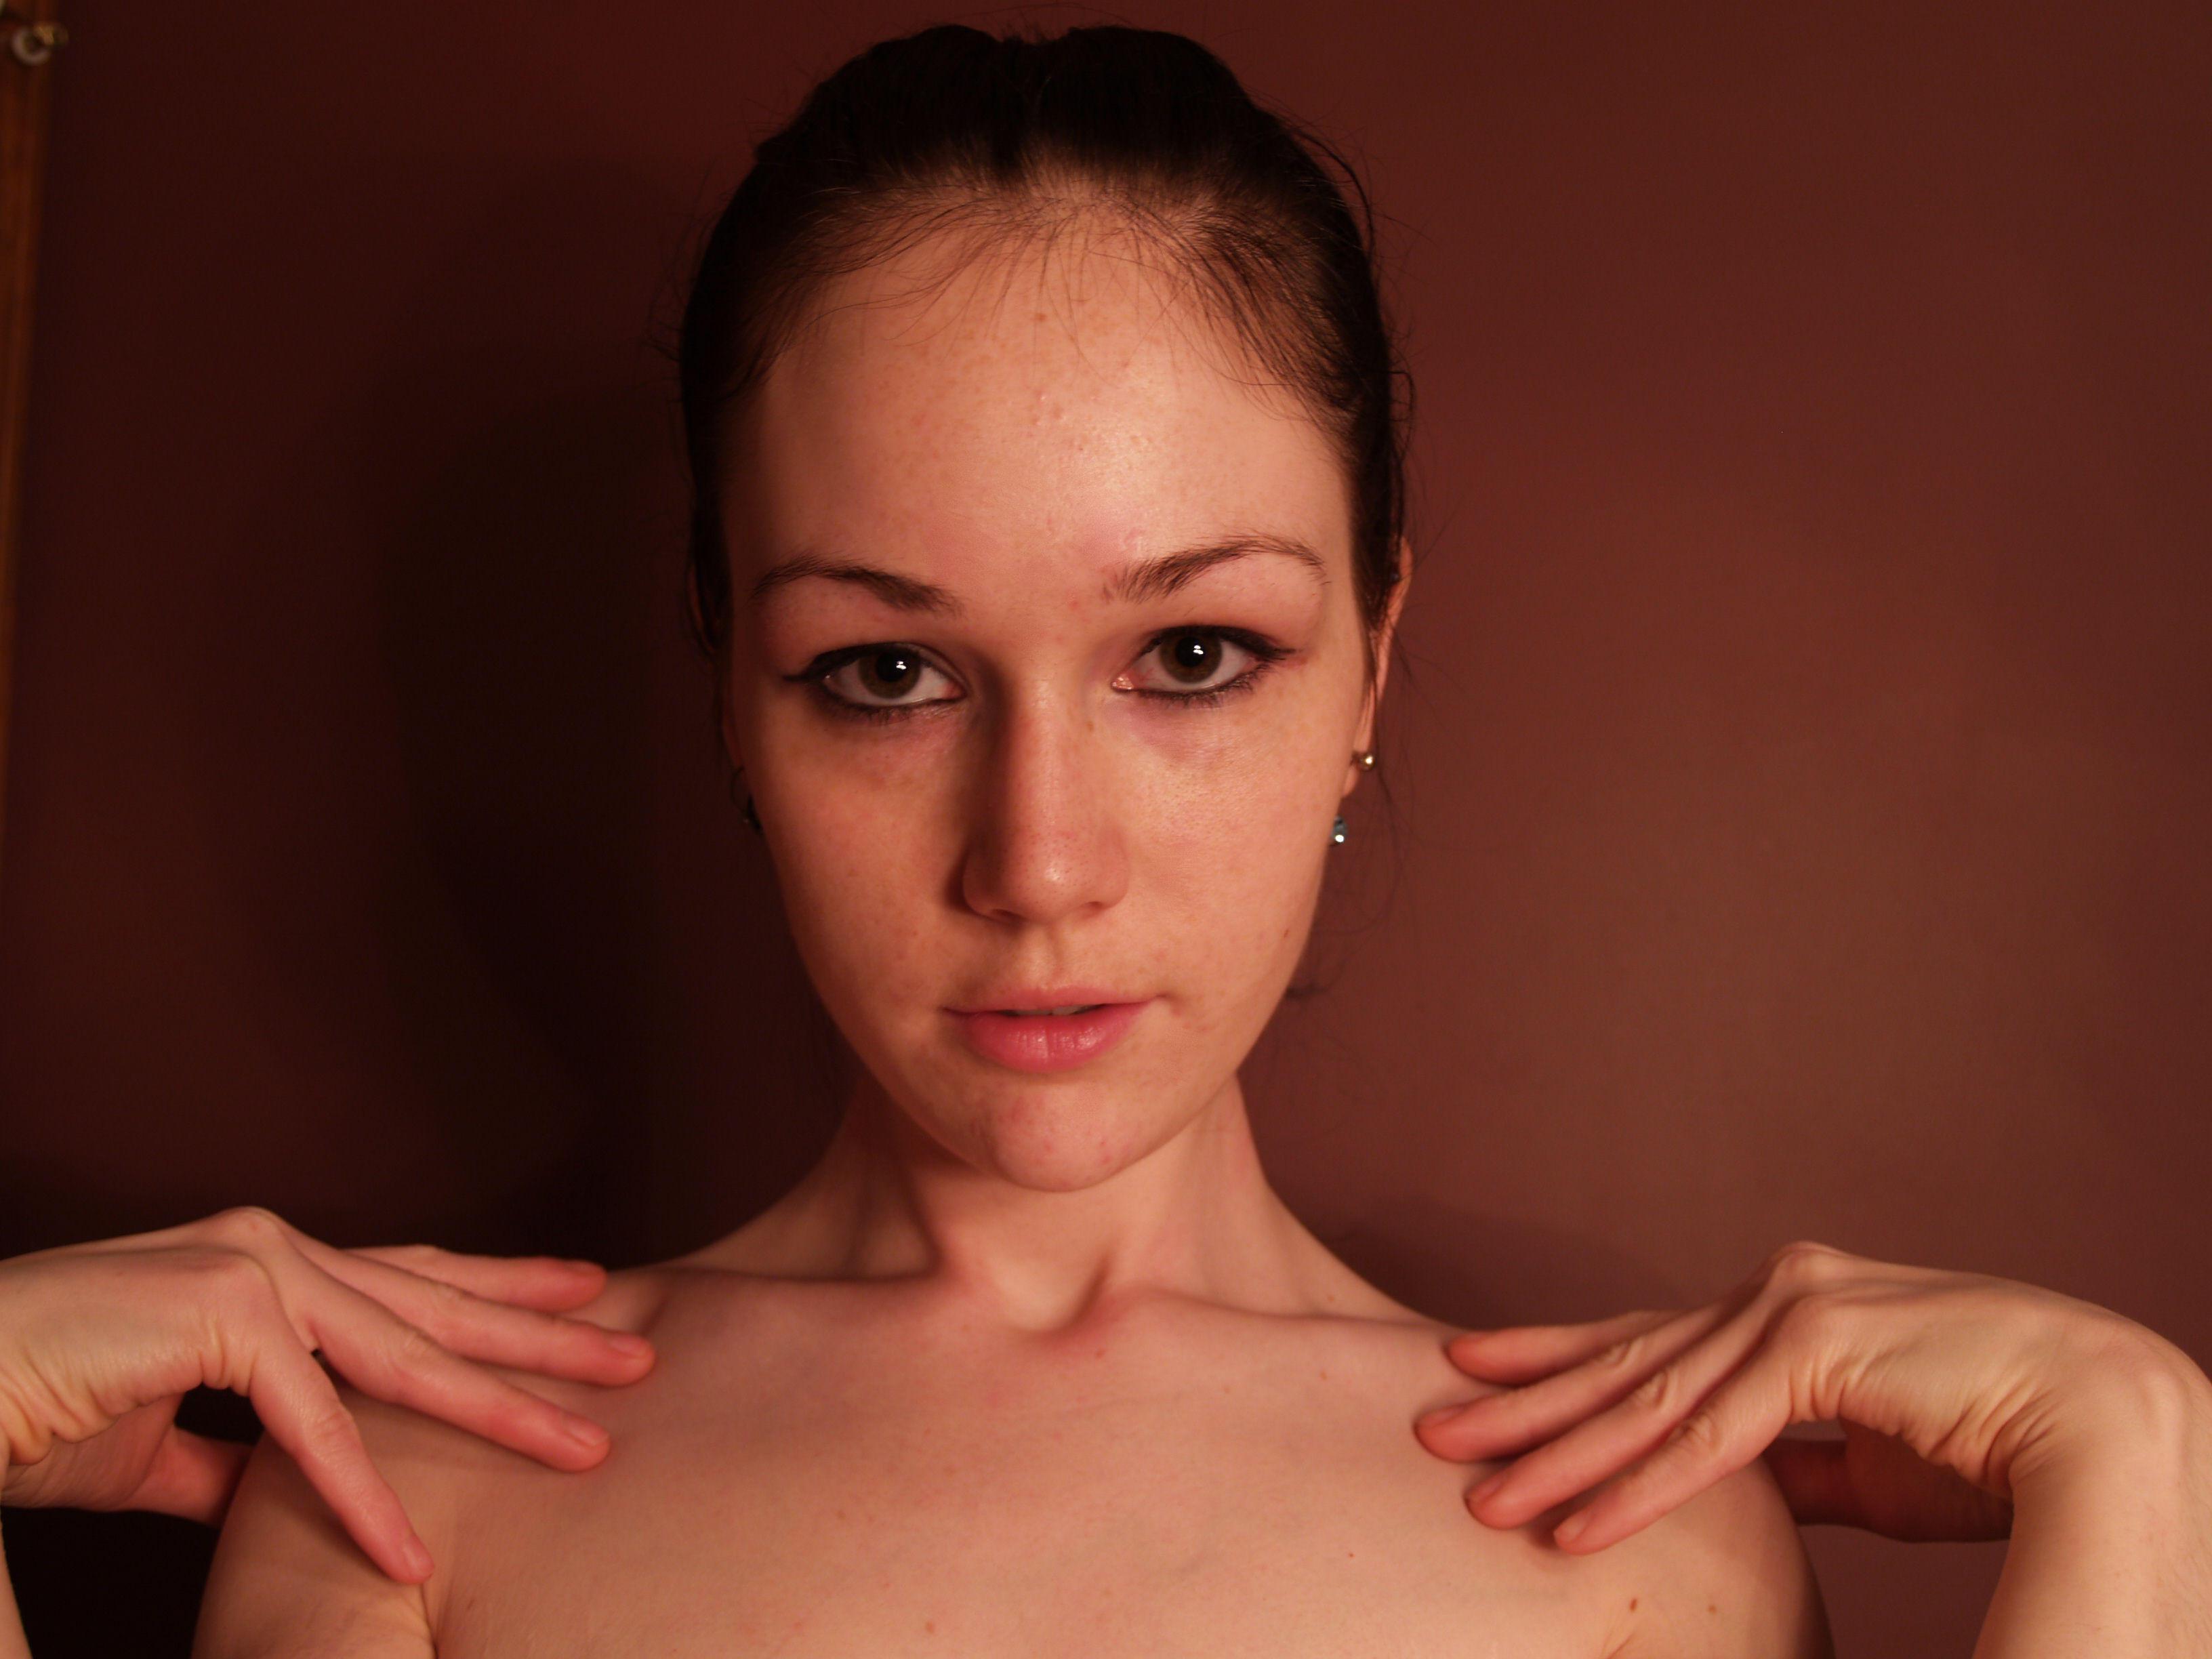 Страшные девушки с фигурами фото